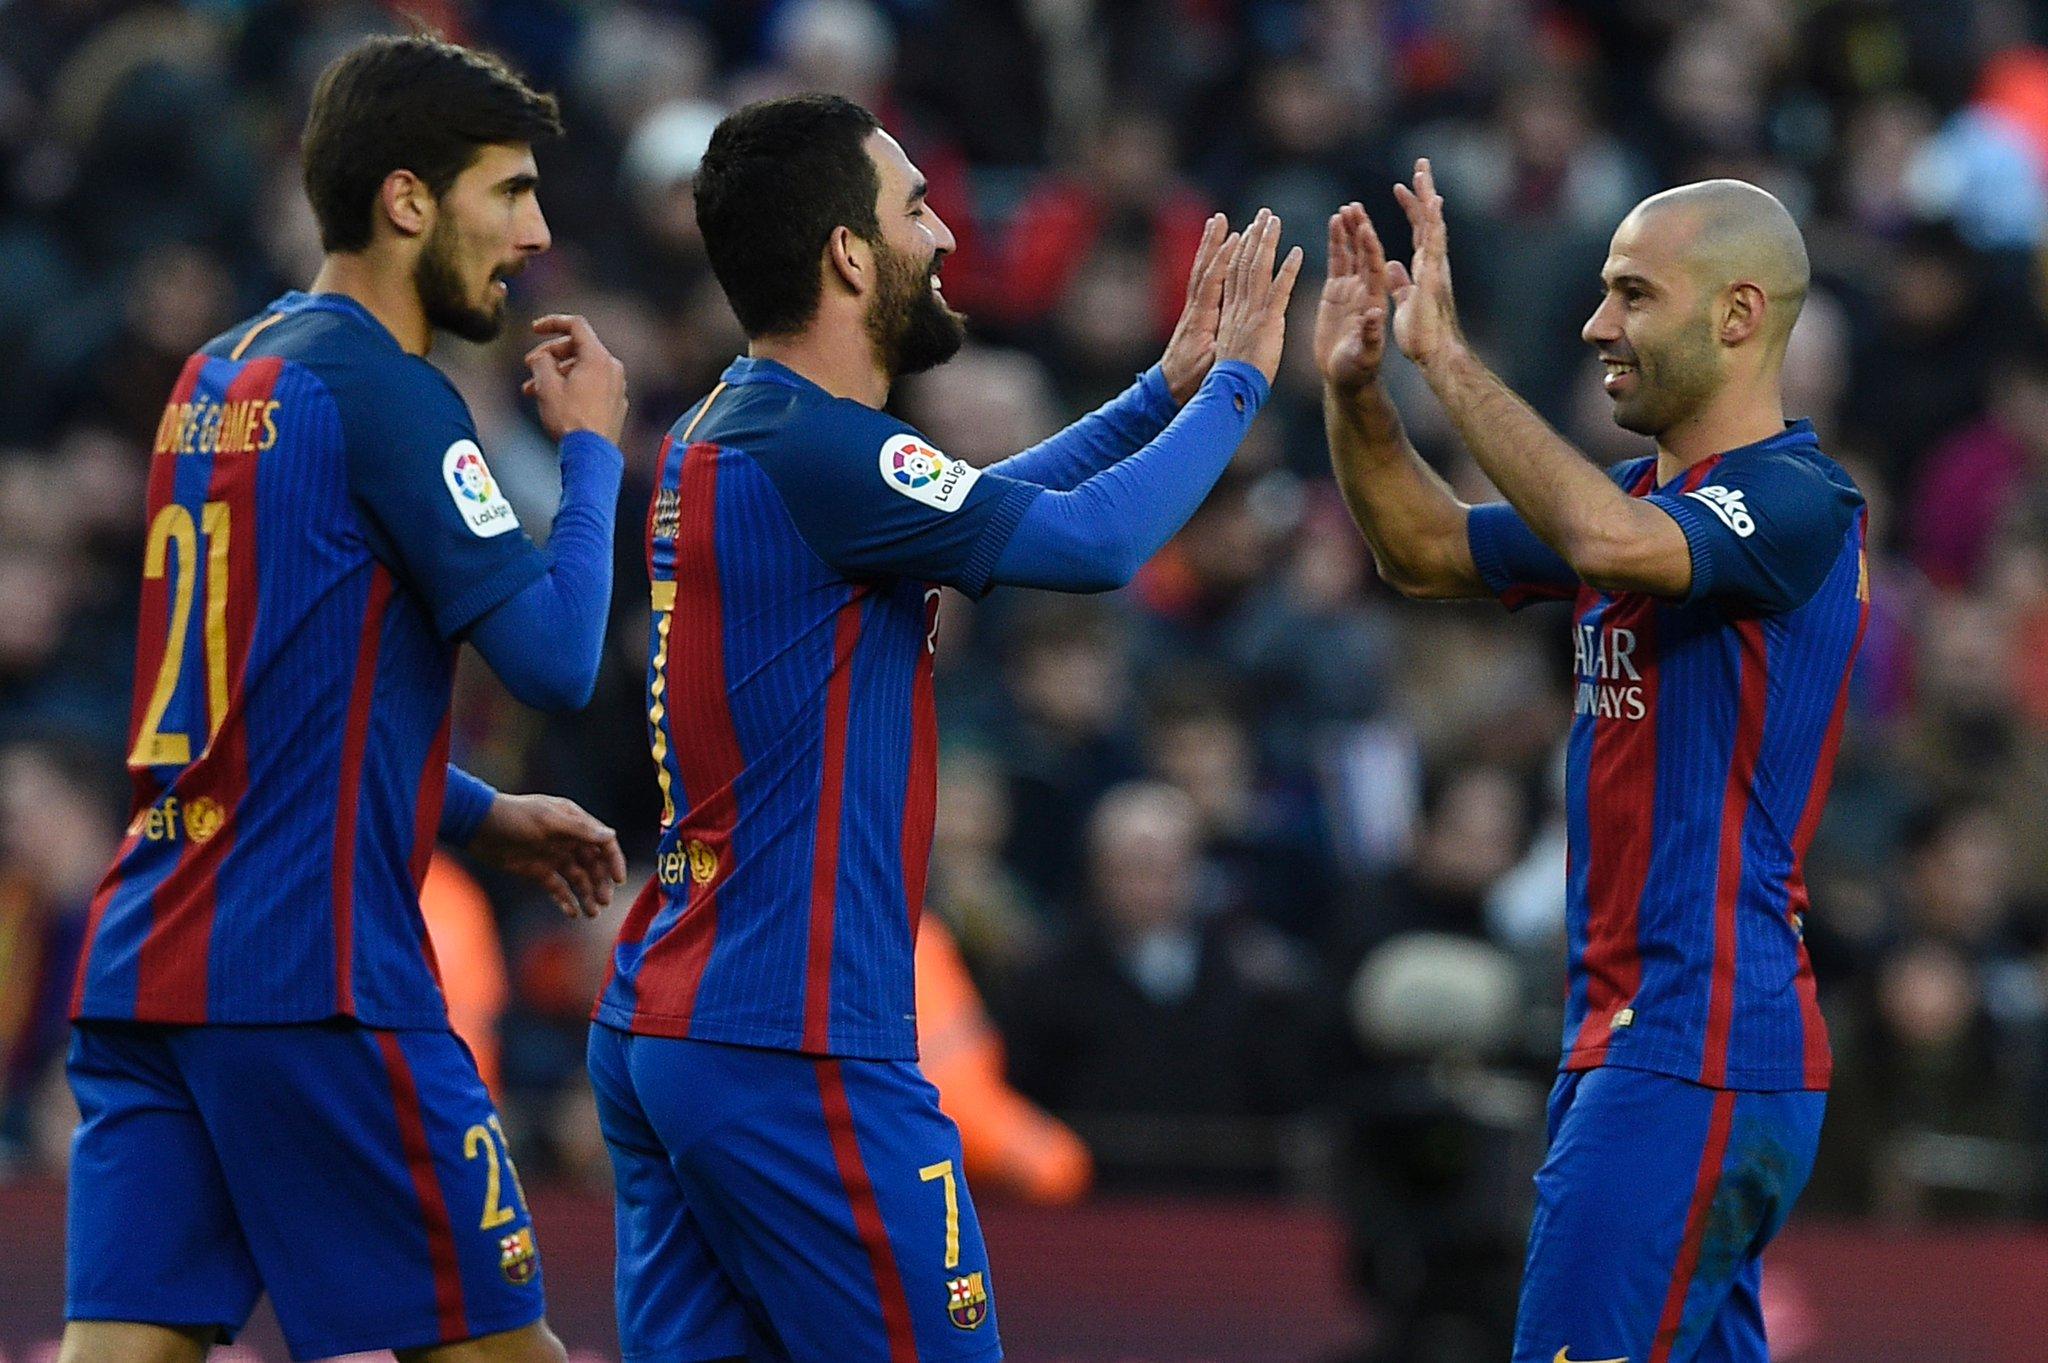 هدف برشلونة السادس في مرمى أوساسونا